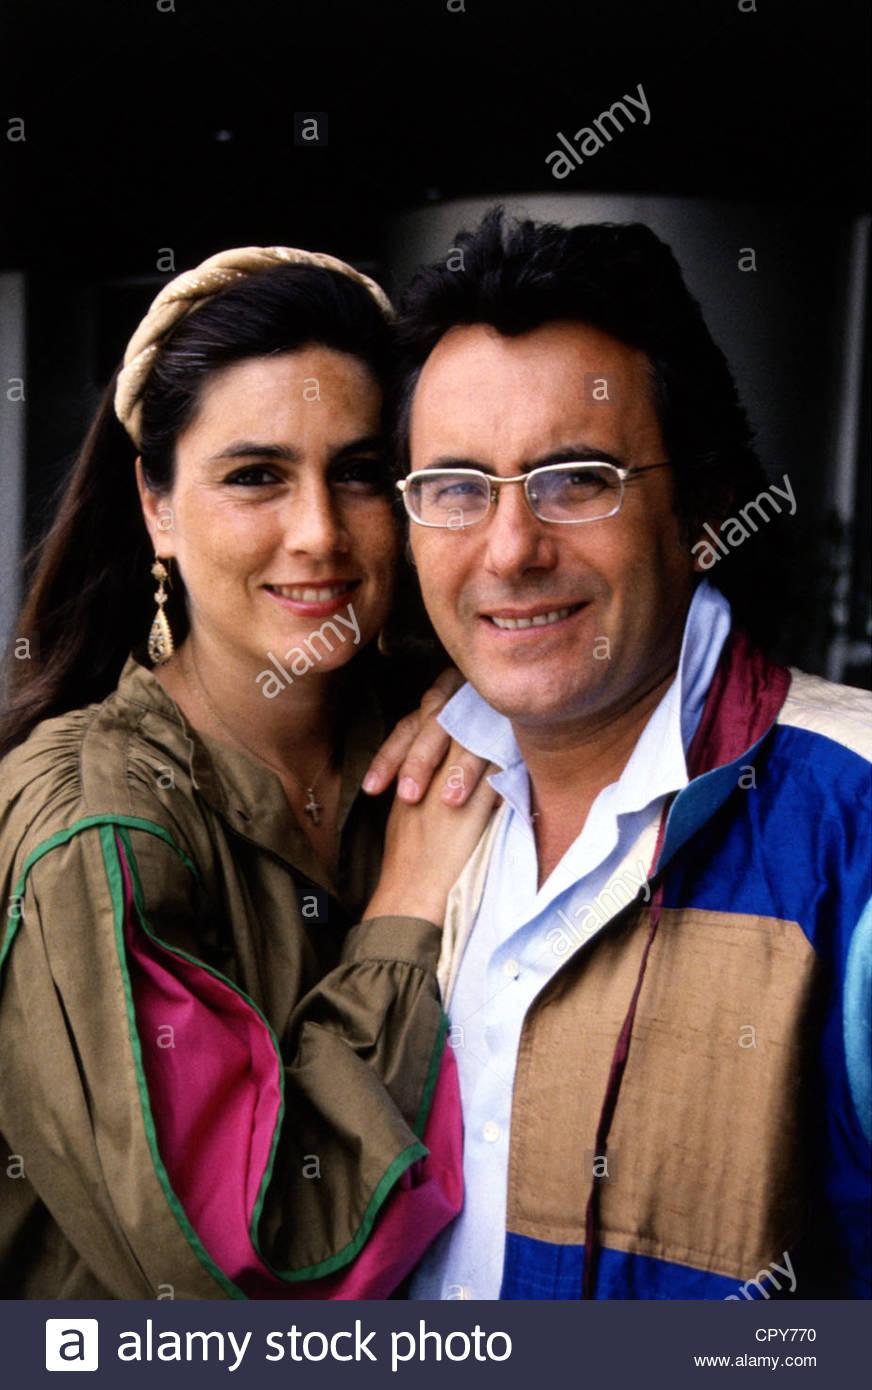 Power, Al Bano & Romina, 1970 - 1996, Italian pop duo, (Albano Carrisi and Romina Francesca Power), portrait, - Stock Image